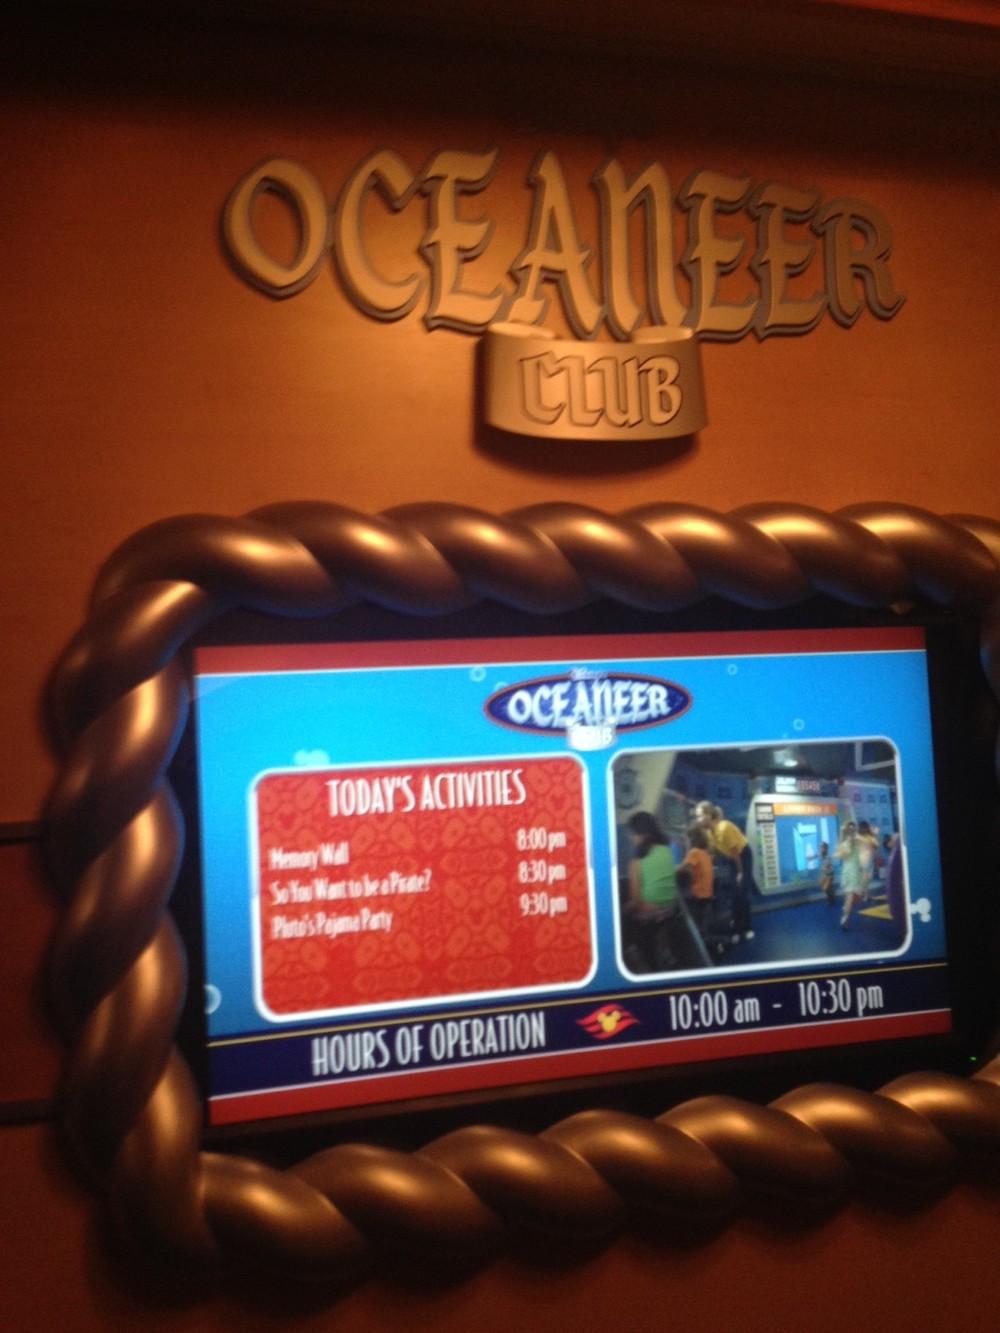 Oceaneer-Club.jpg